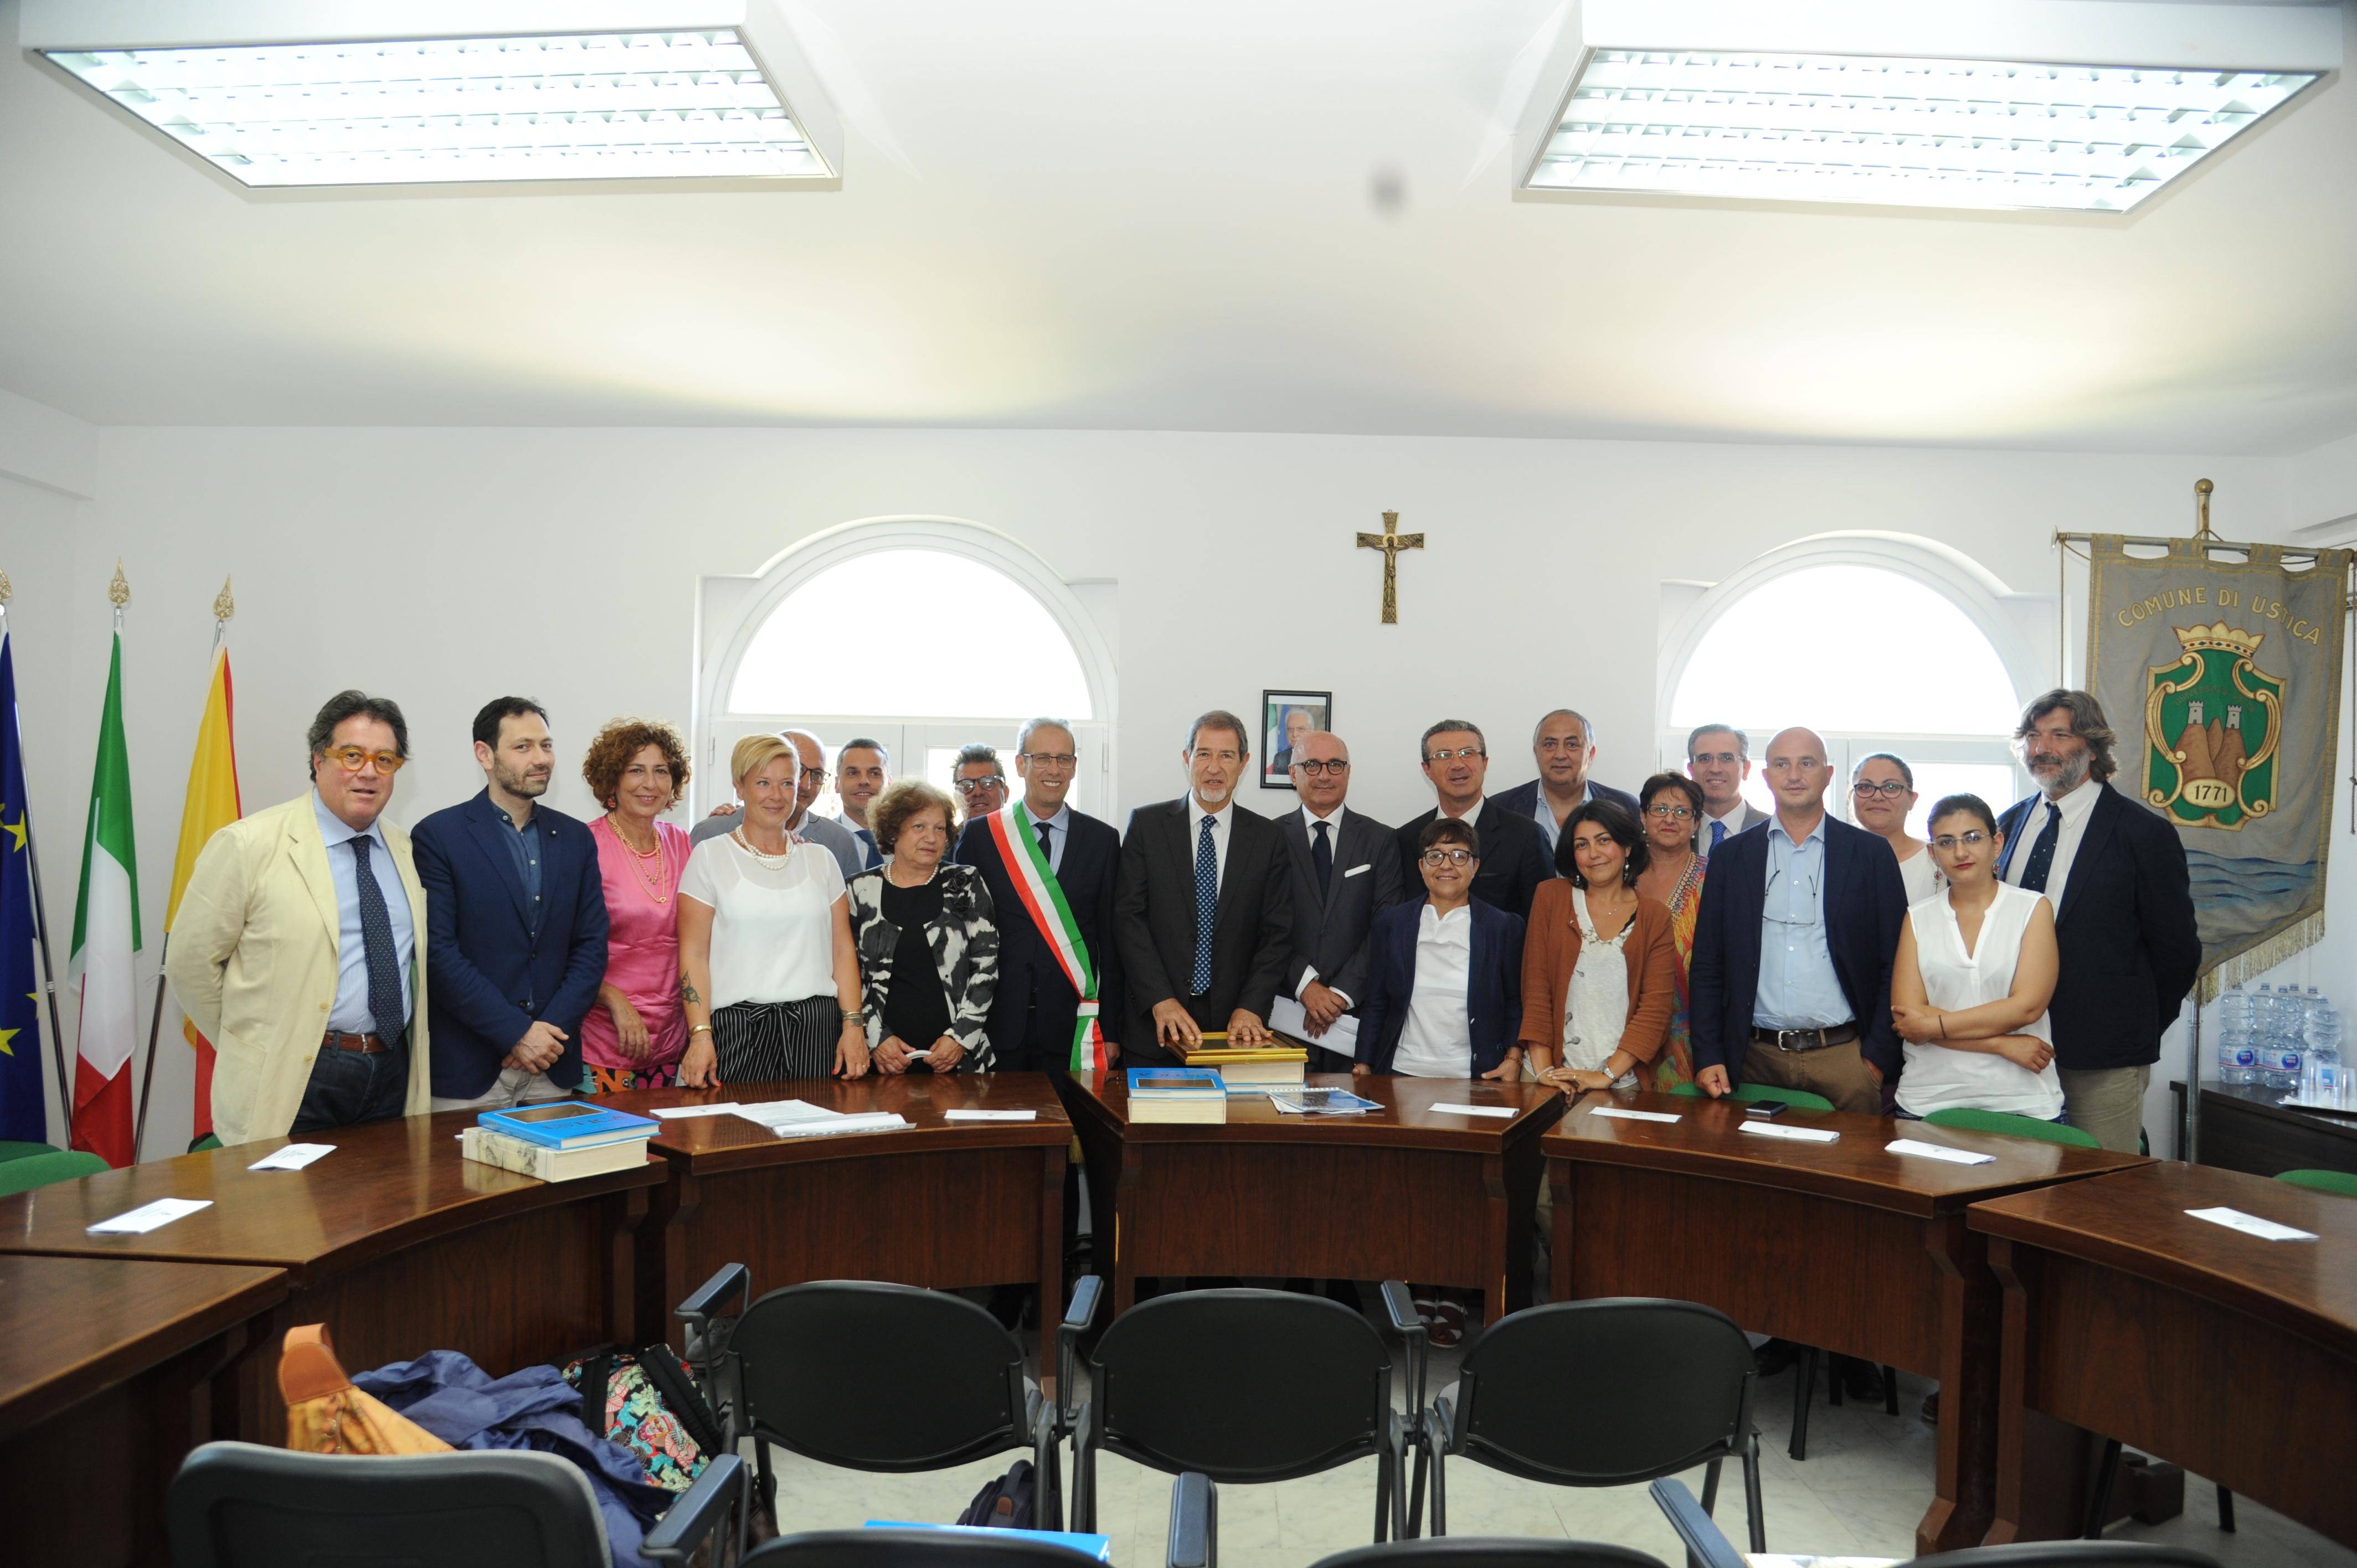 Regione: Governo Musumeci a Ustica, un ddl per valorizzare Isole minori